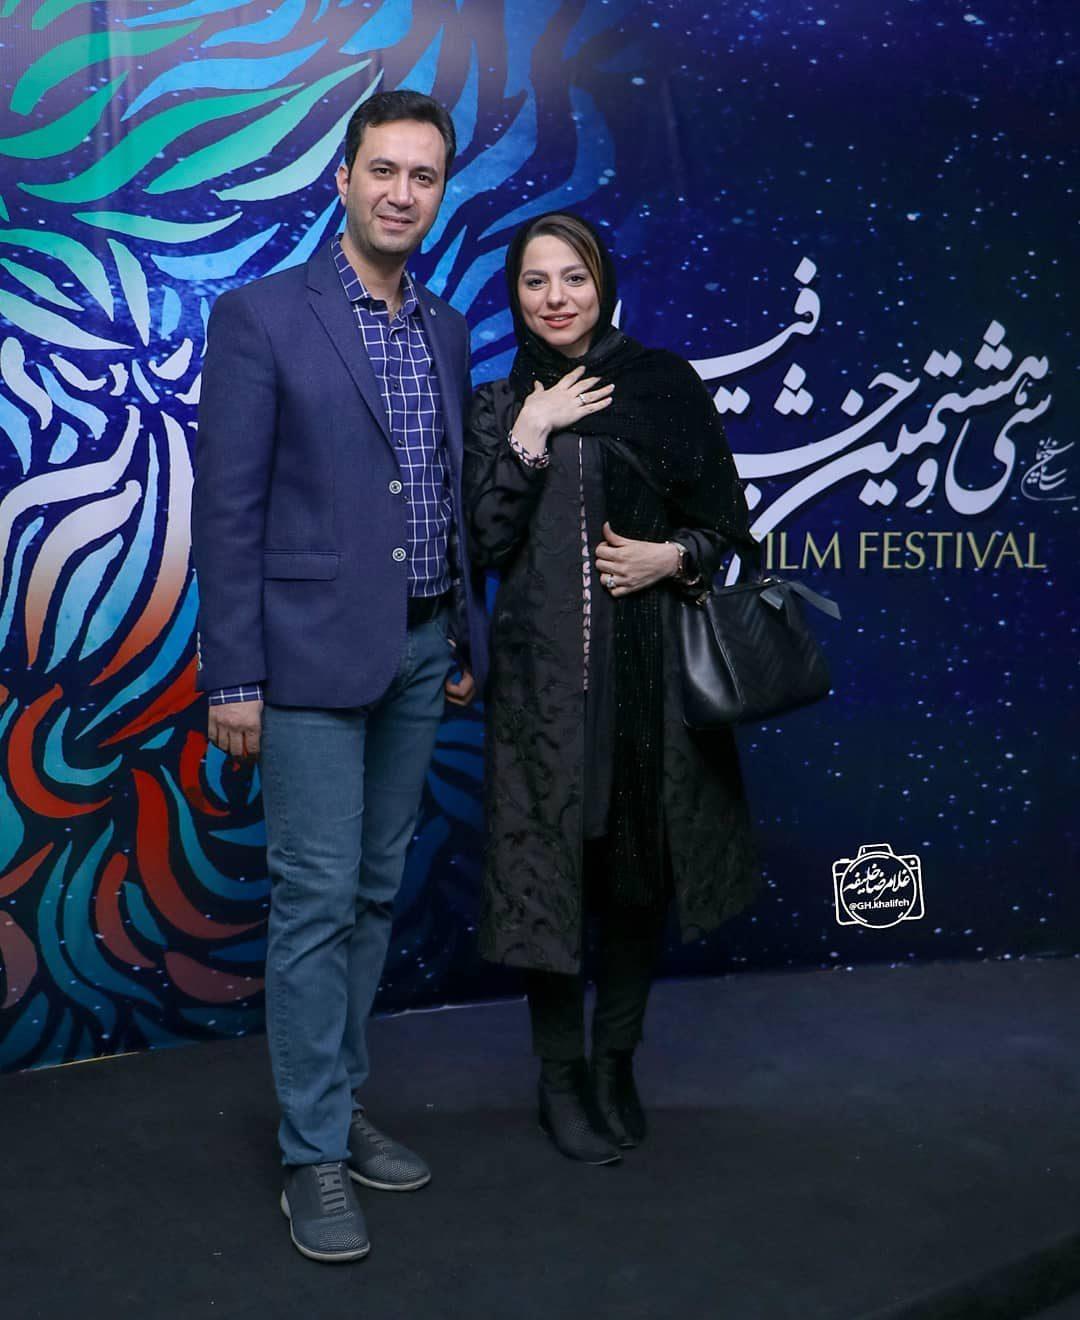 عکس محیا اسناوندی و همسر در اختتامیه جشنوراه فیلم فجر 98